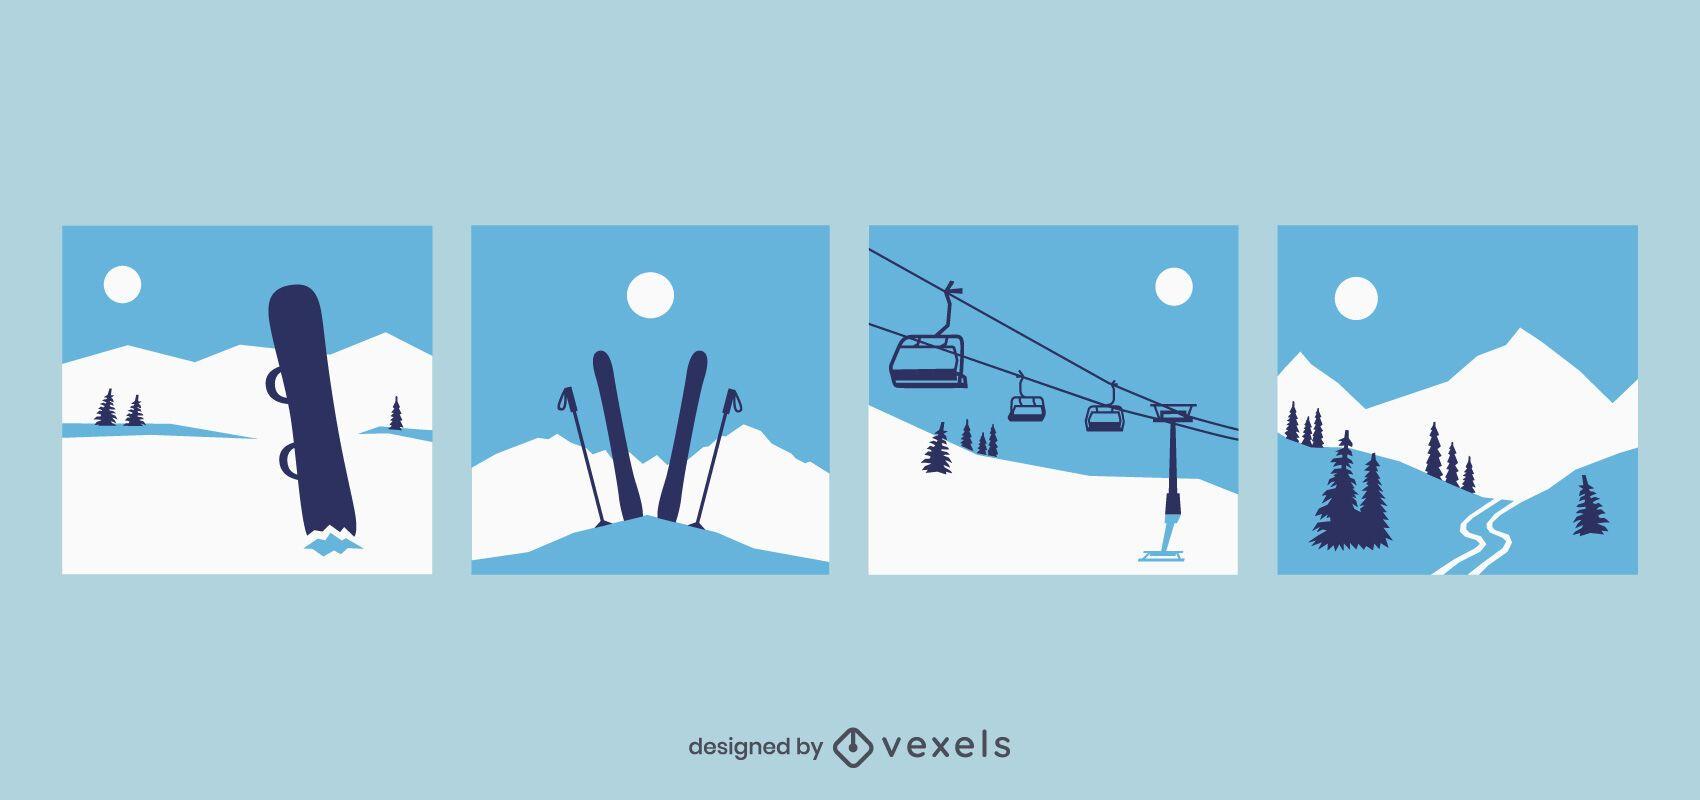 Ski scenes design set